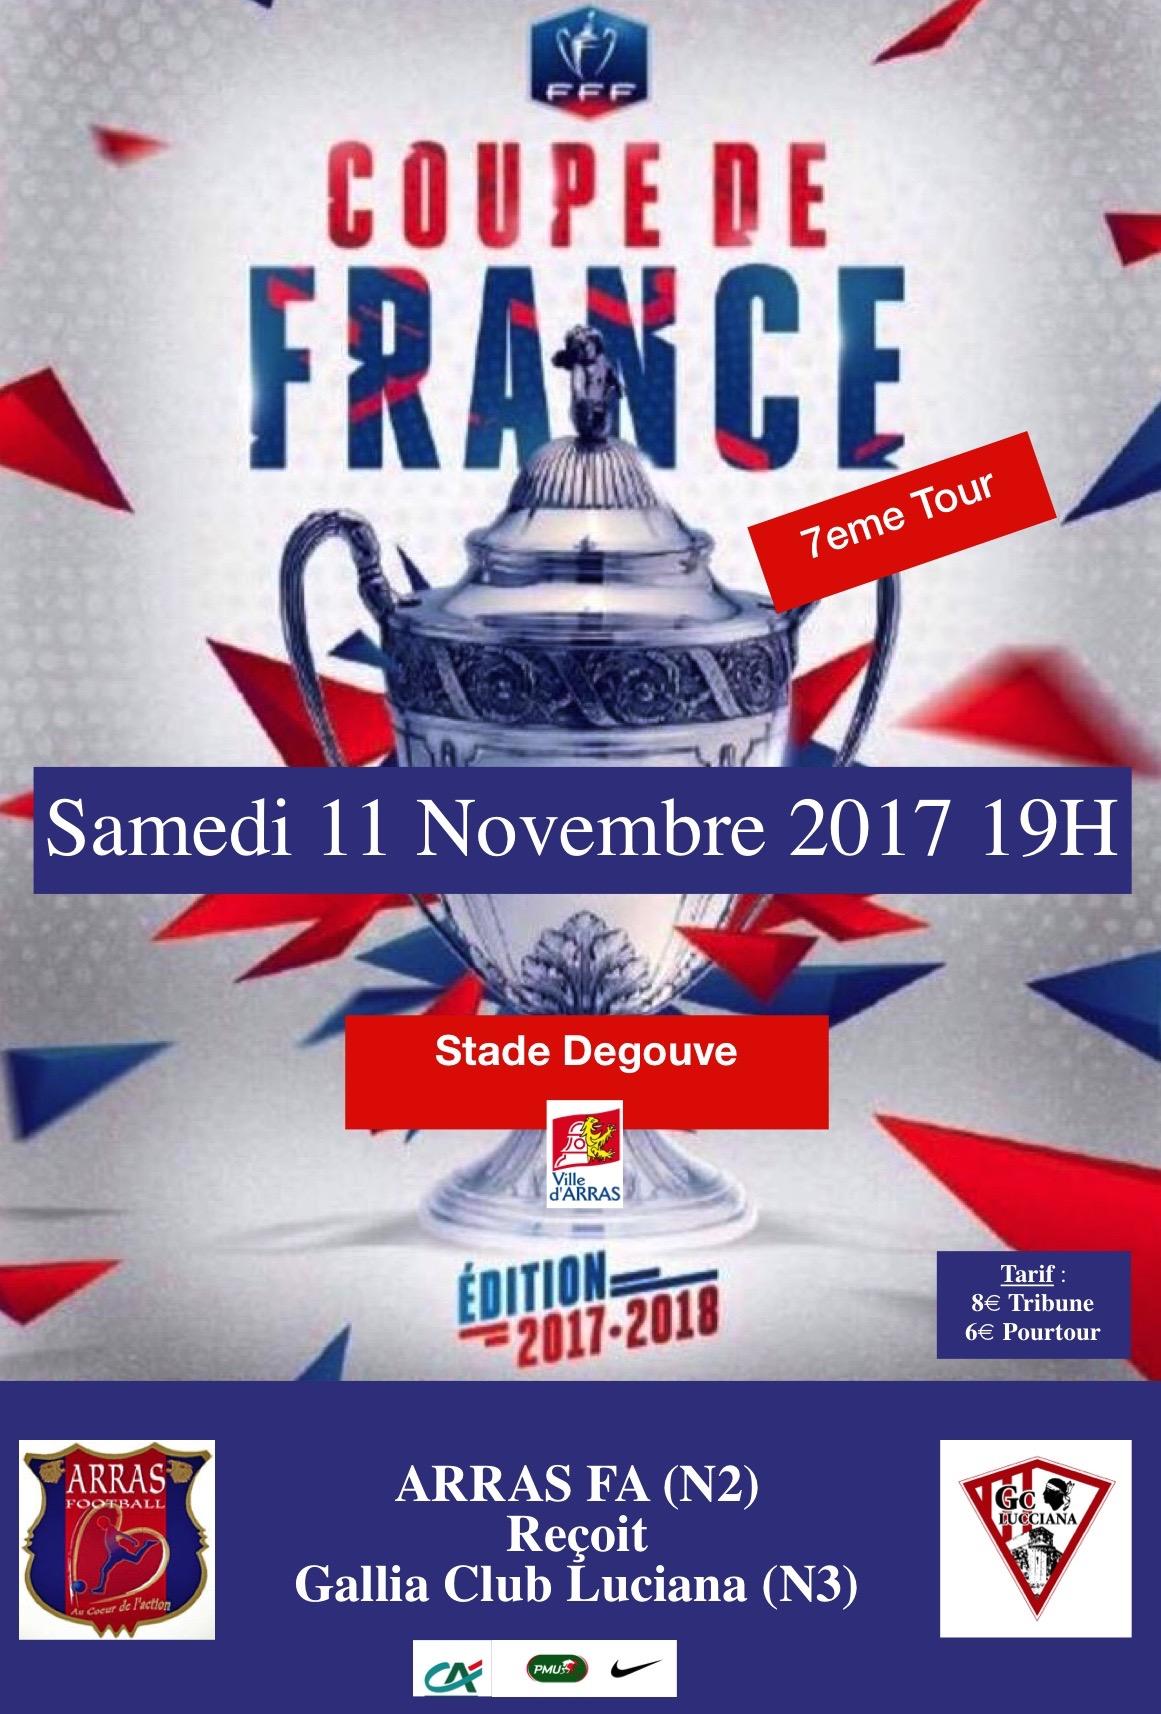 7eme tour de la coupe de france - Resultat coupe de france 7eme tour ...